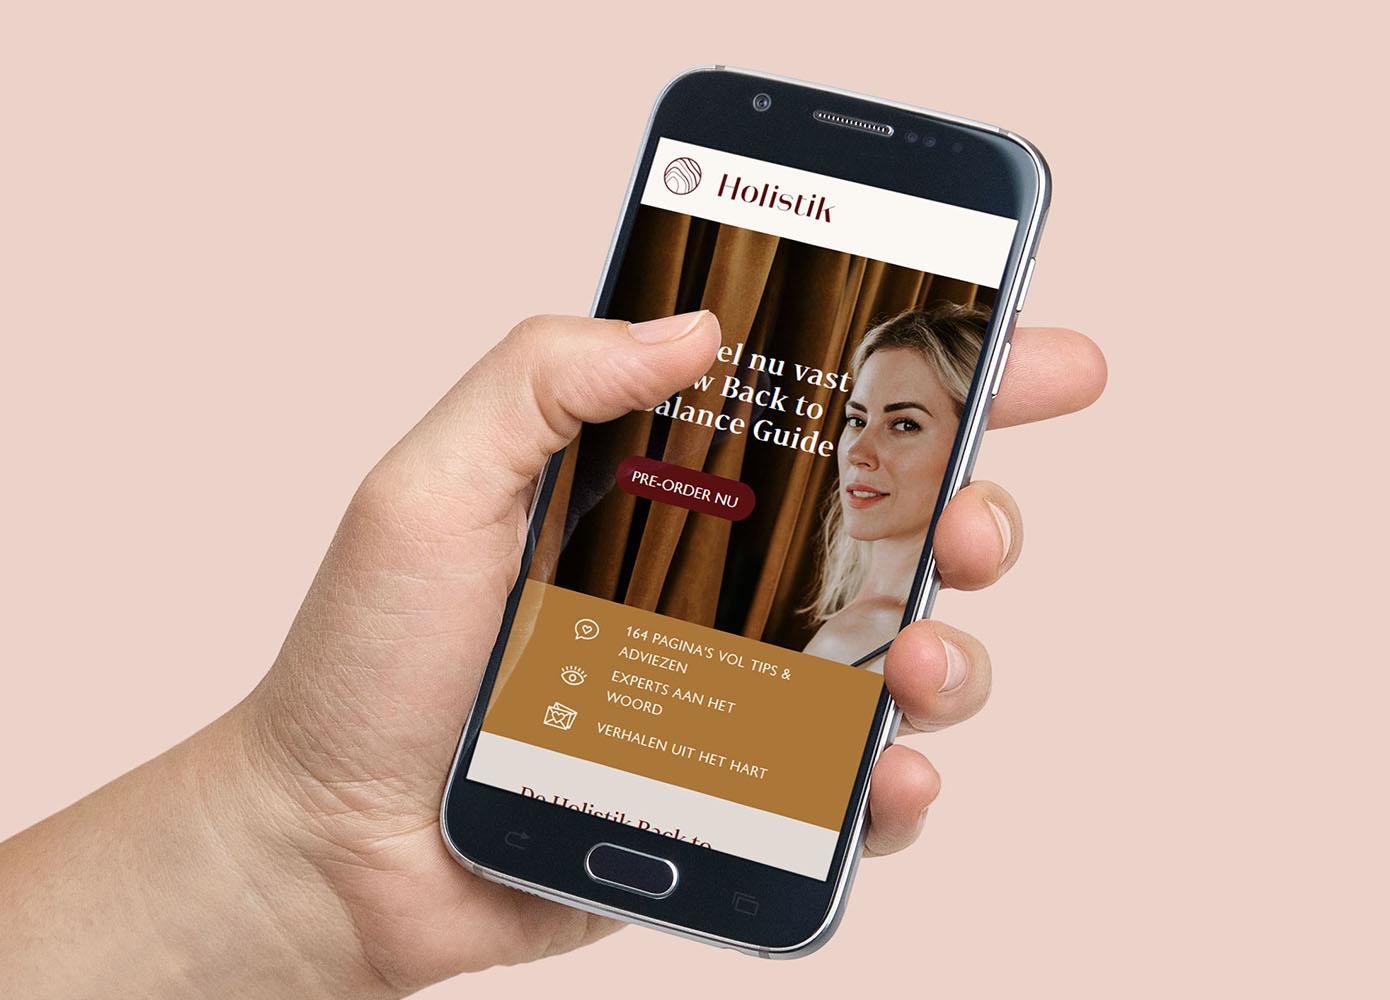 Webshop ontwerp voor Holistik